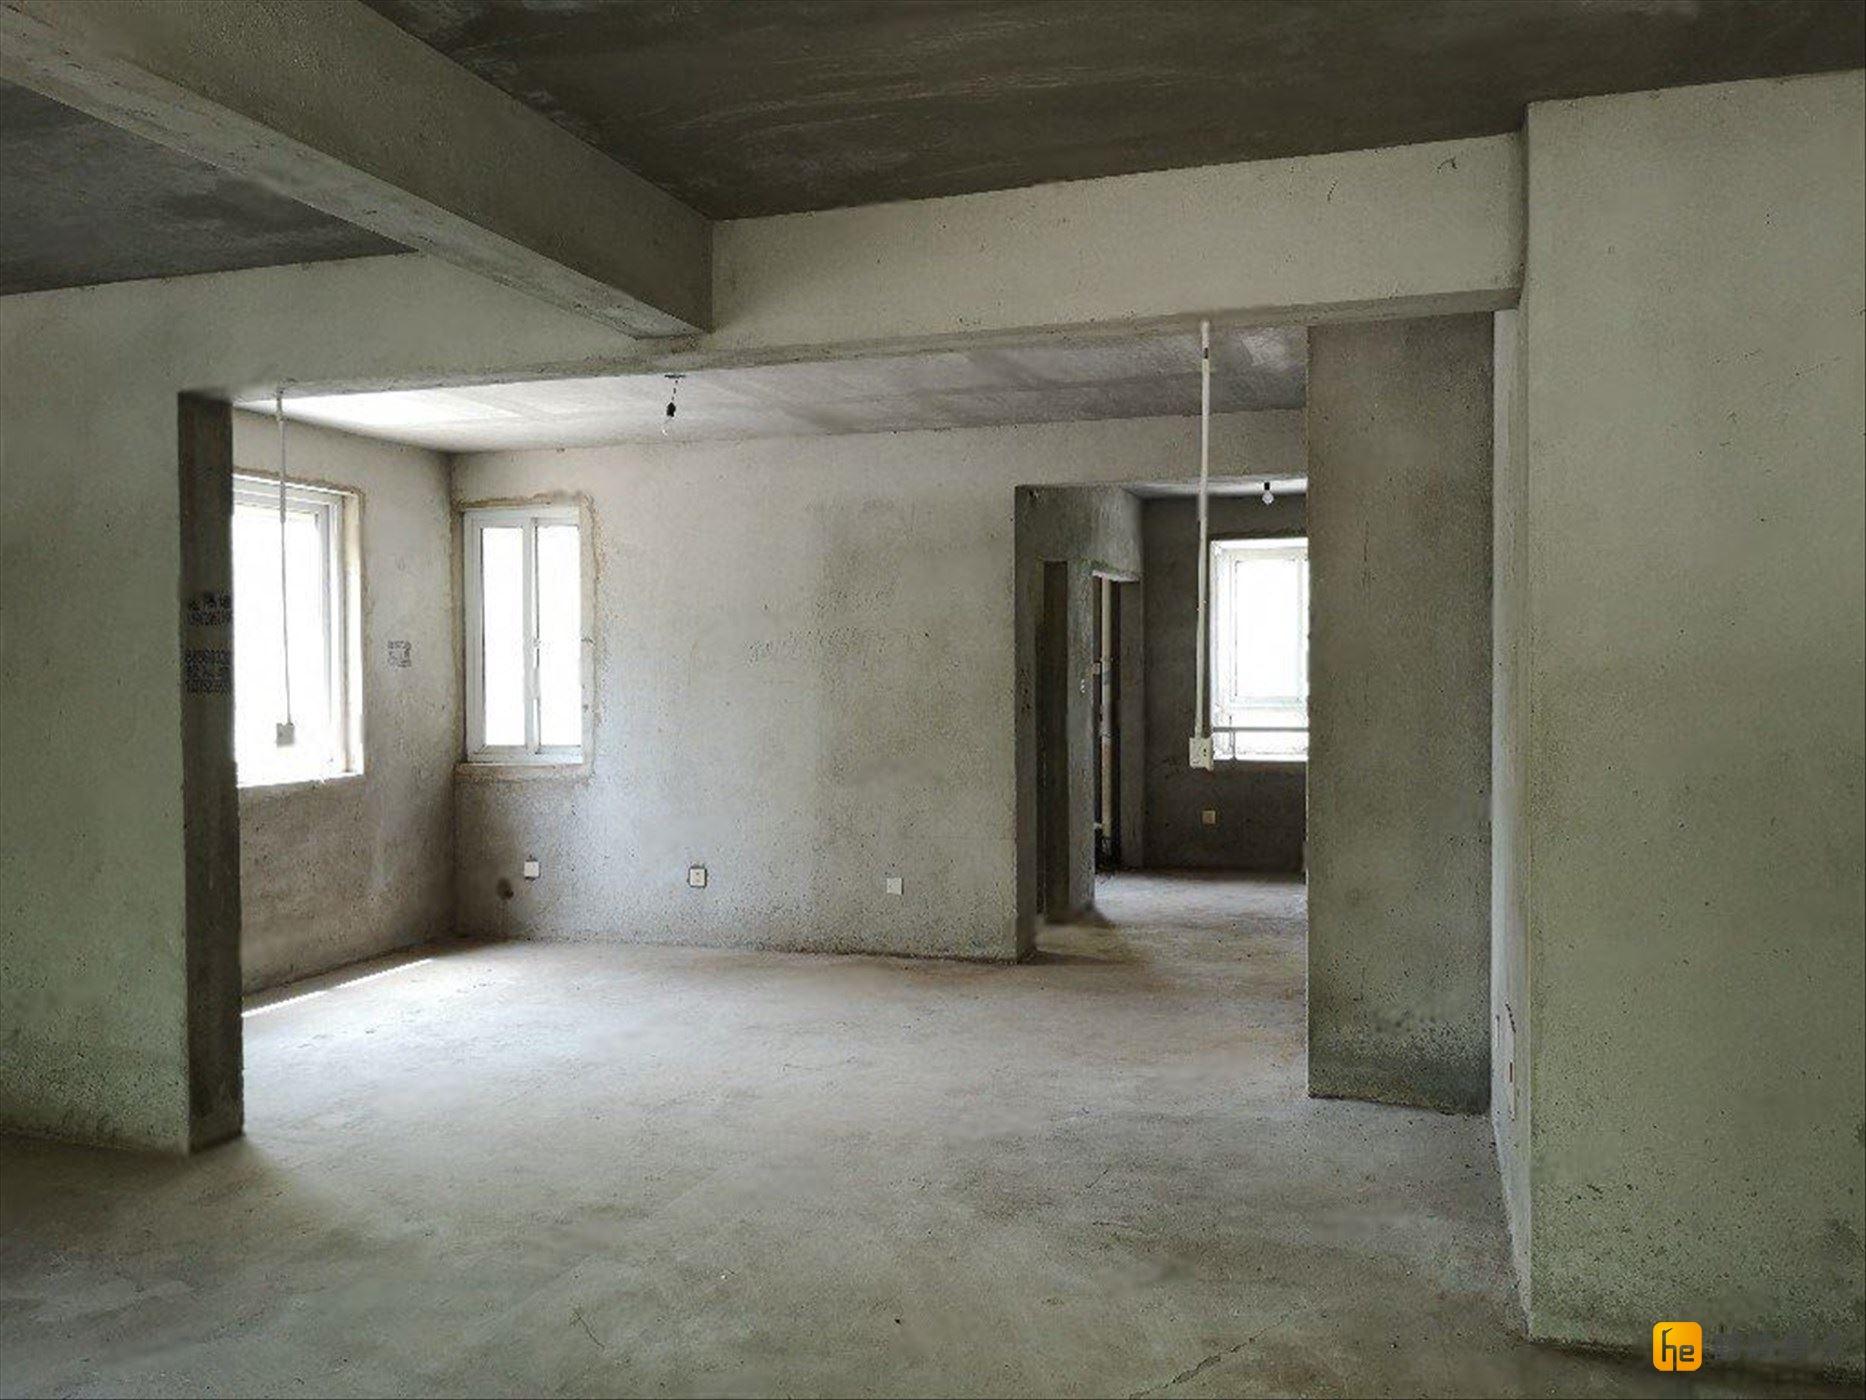 城西南 三河家园 毛坯西边户 90平 带车库 采光好 便宜出售